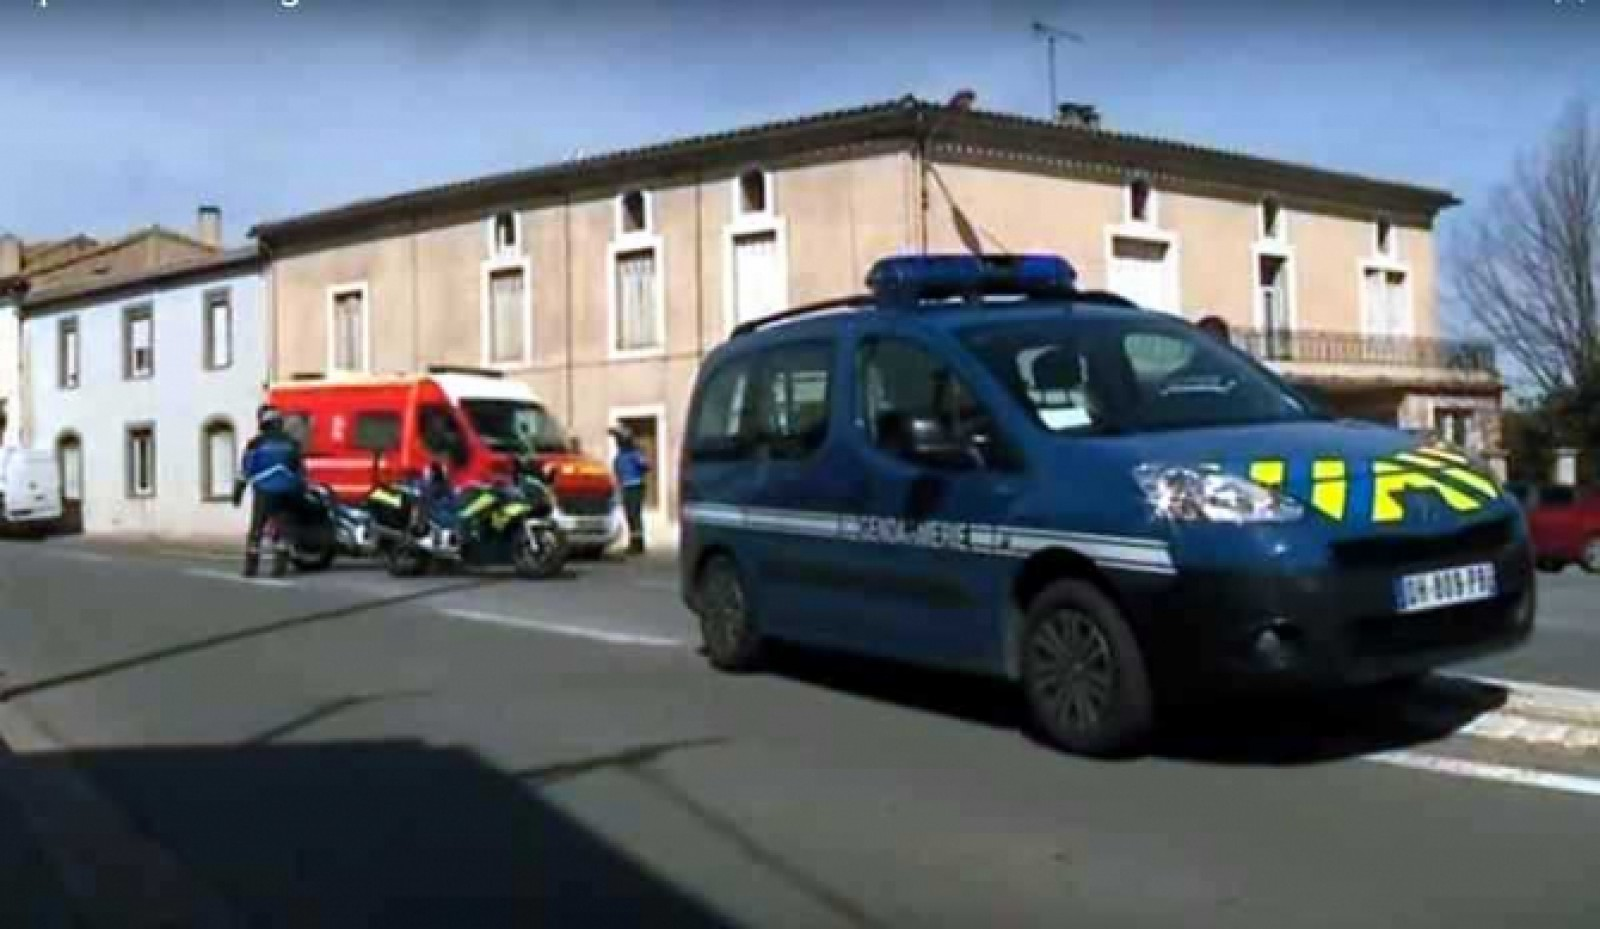 Franţa: A doua noapte de violenţe într-un cartier din orașul Toulouse